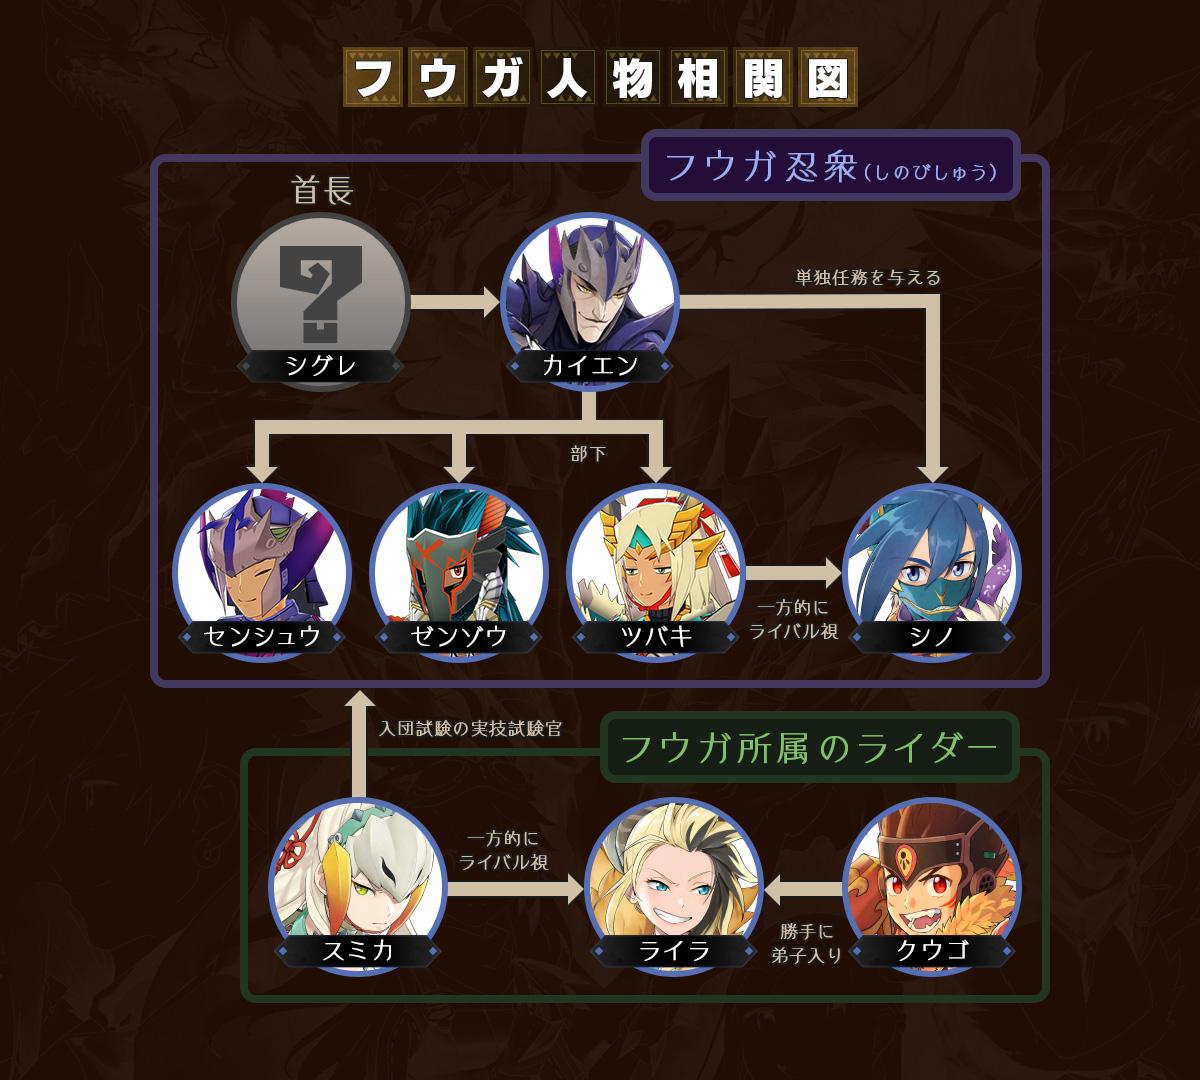 『モンスターハンター ライダーズ』が2月19日(水)に配信決定!